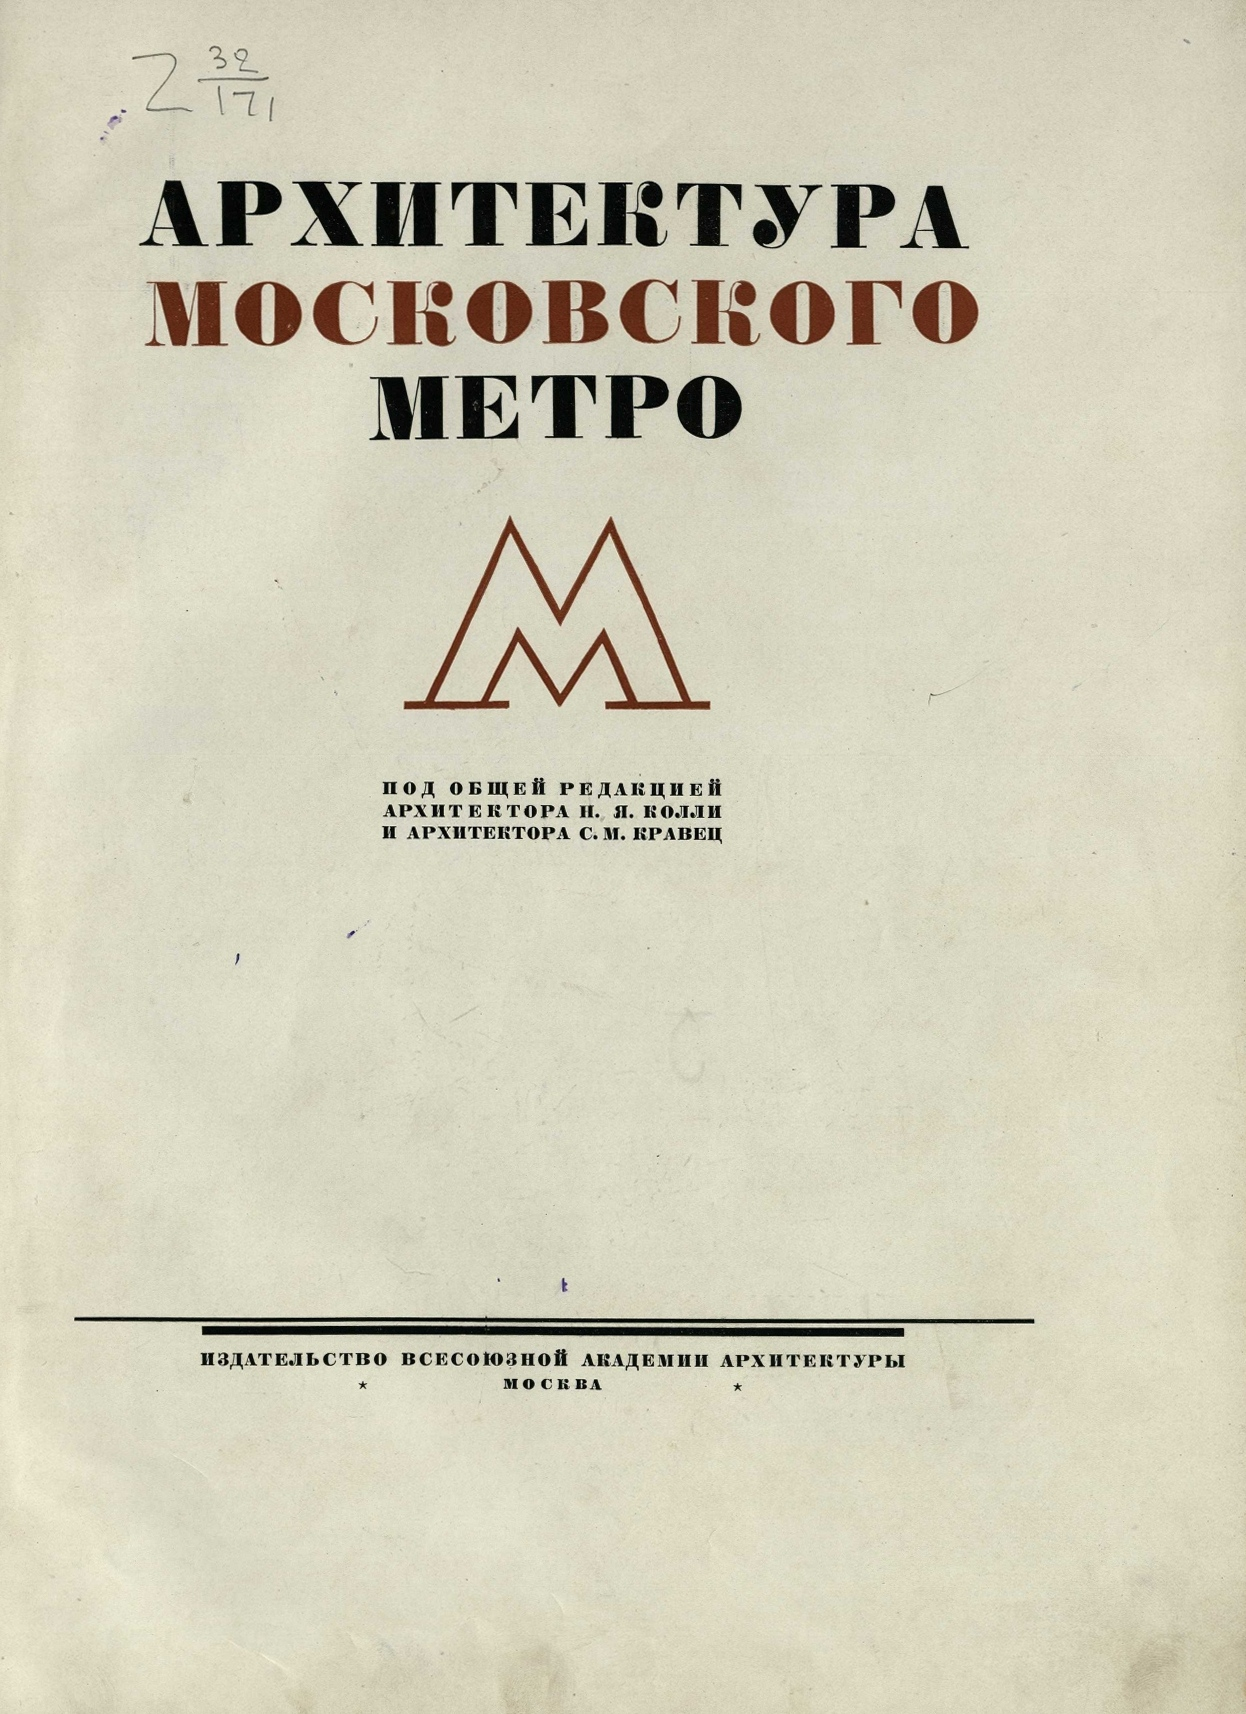 «Архитектура Московского метро» (Москва : Издательство Всесоюзной Академии архитектуры, 1936)